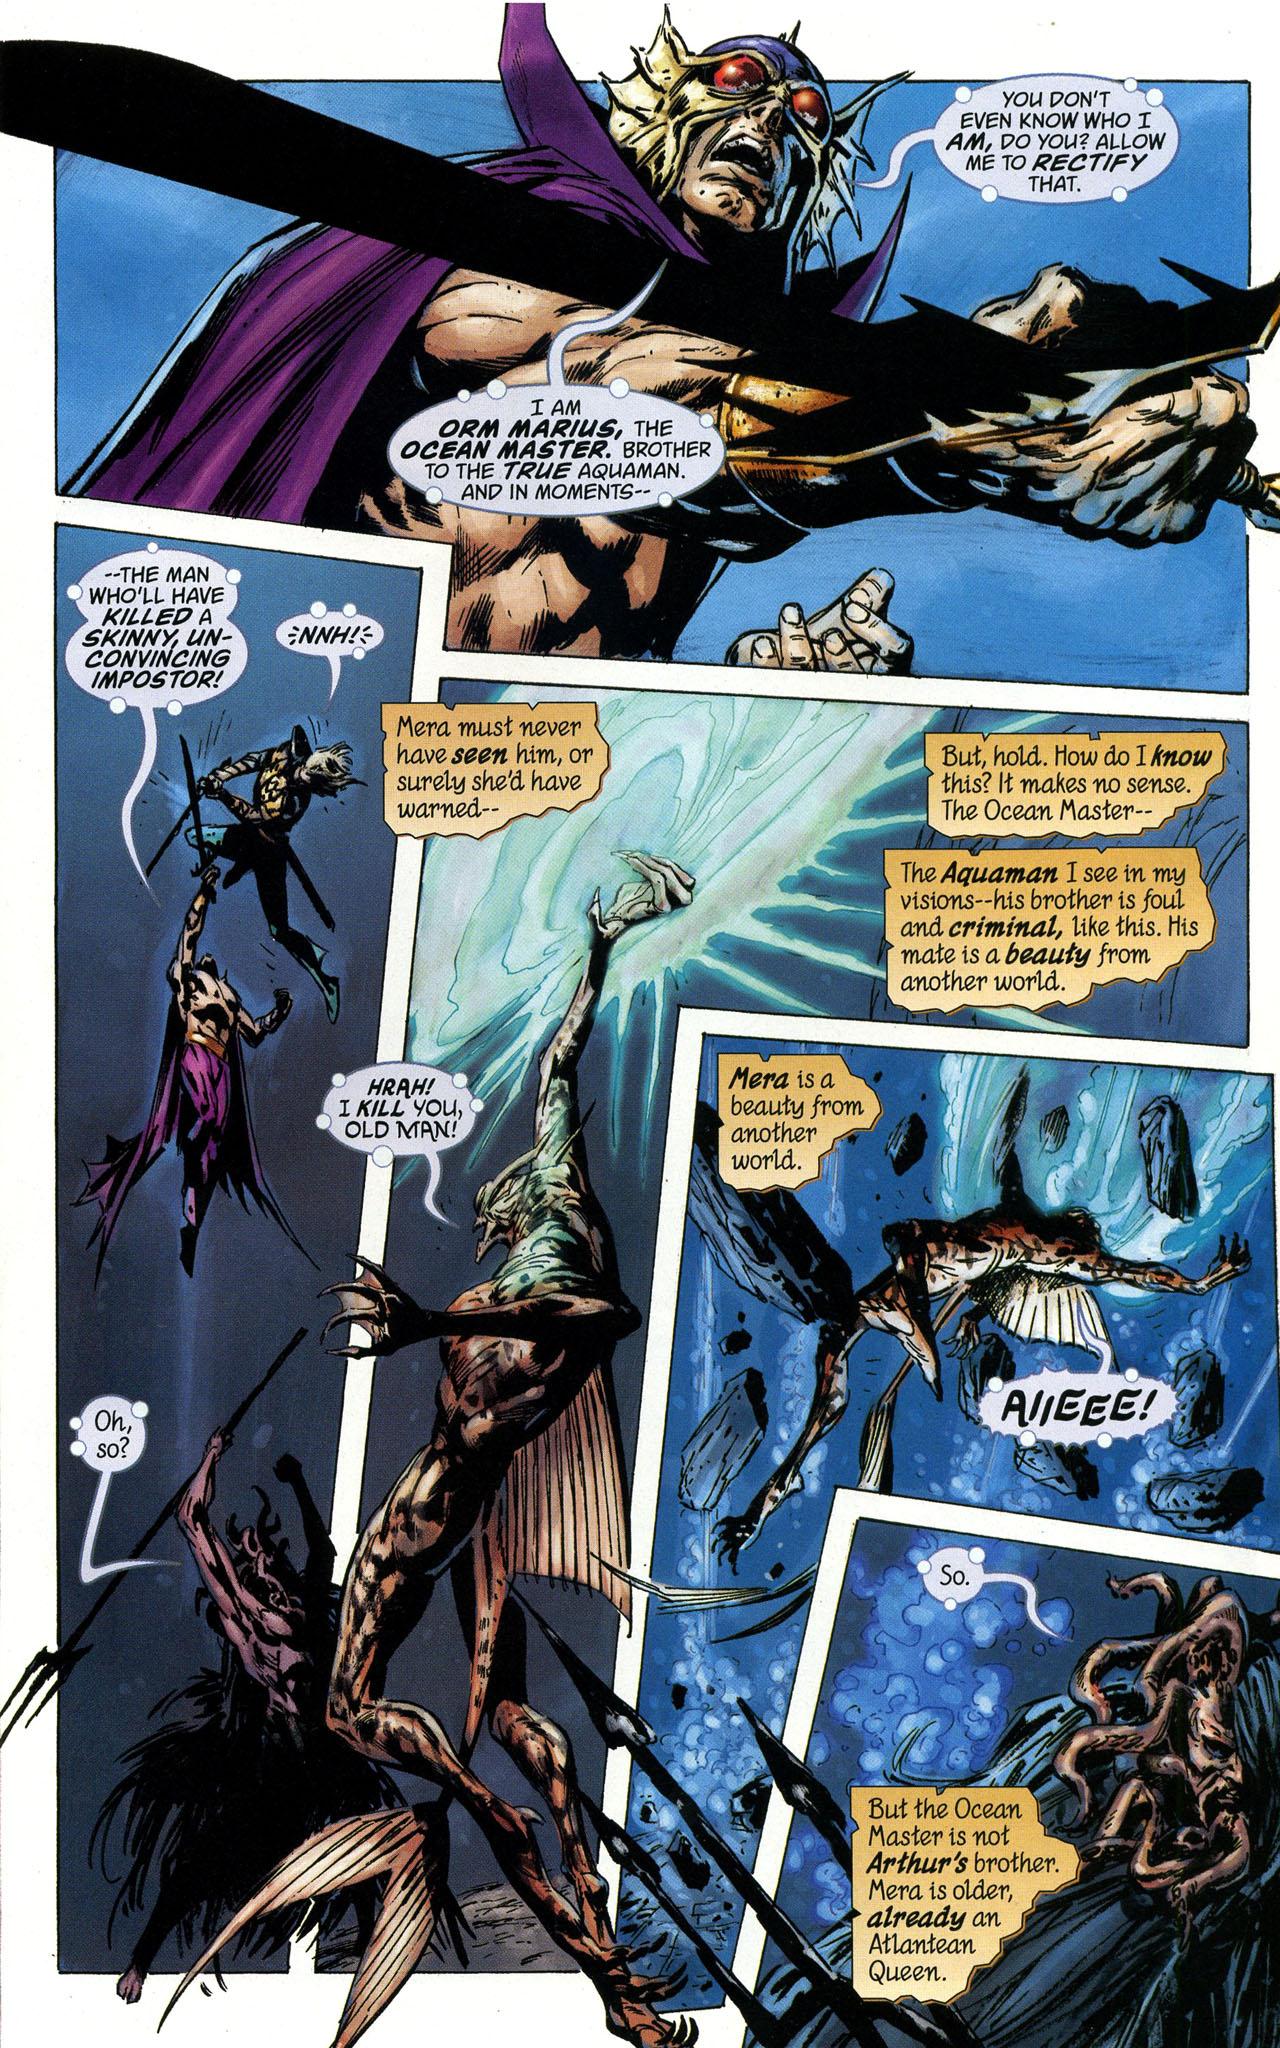 Read online Aquaman: Sword of Atlantis comic -  Issue #44 - 20